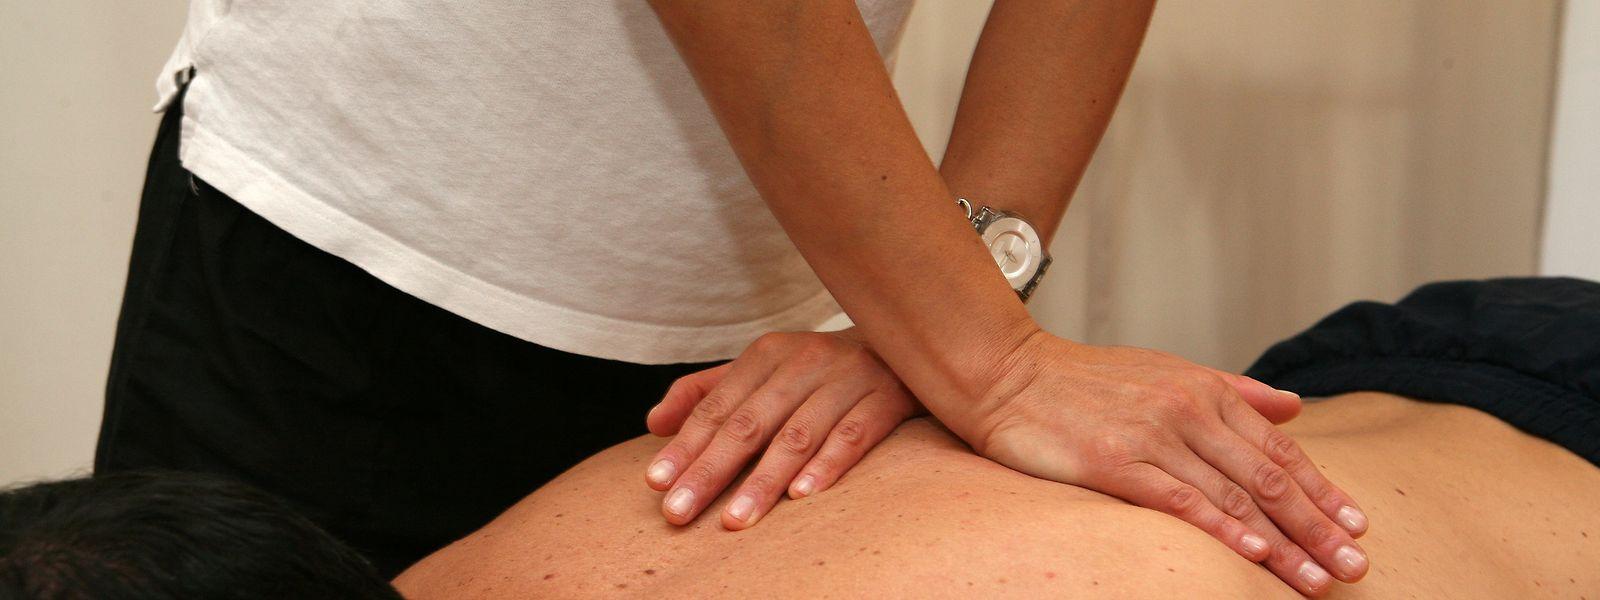 Wenn Hände heilen:Manuelle Therapie ist eine Unterform der Physiotherapie. Physiotherapeuten brauchen dafür eine zusätzliche Qualifikation.